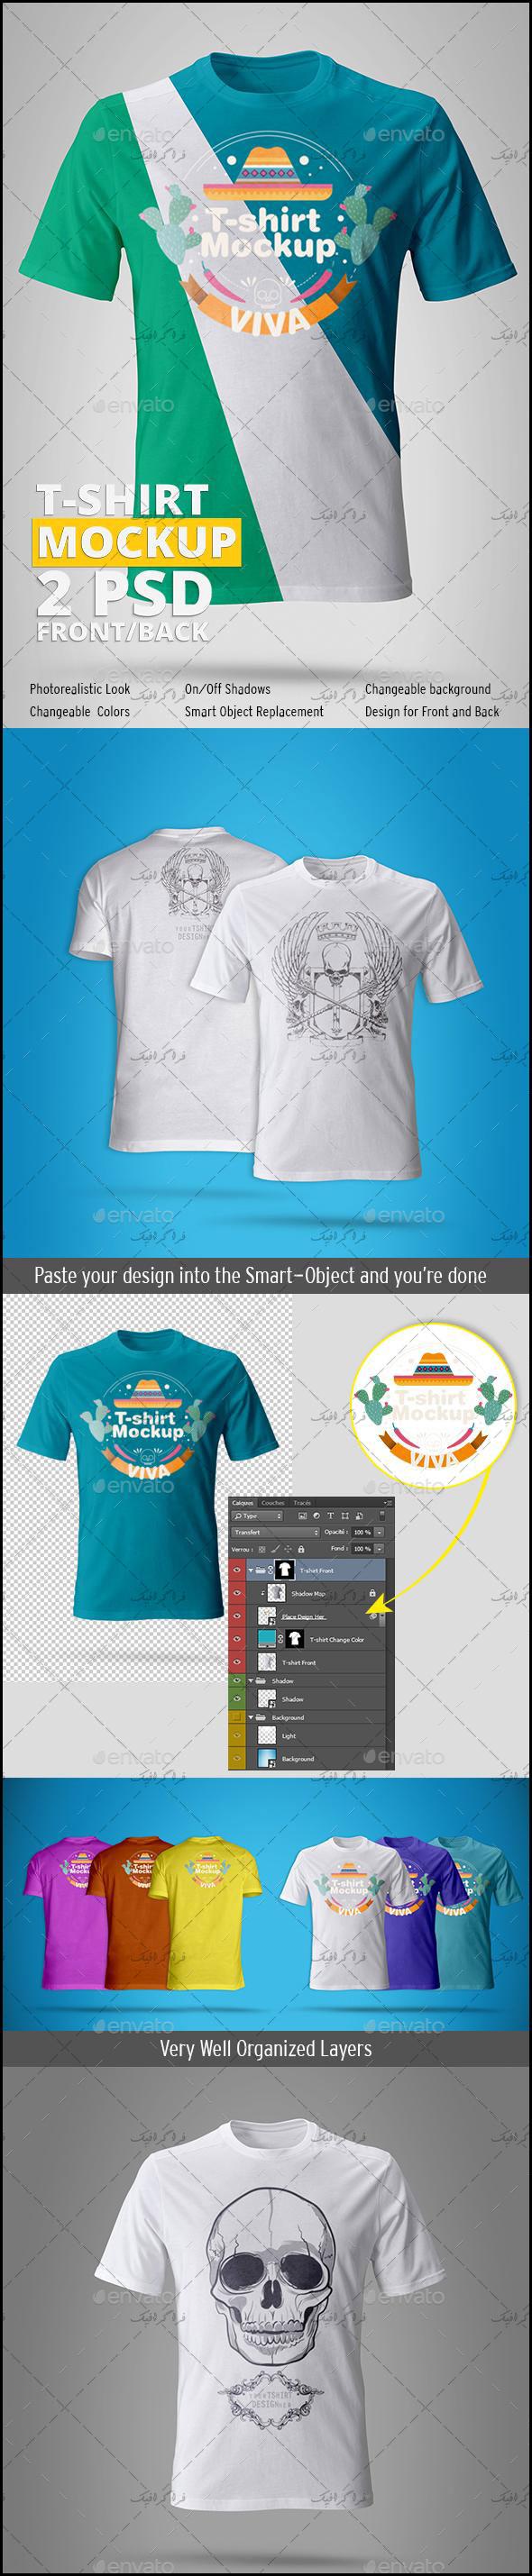 دانلود ماک آپ فتوشاپ تی شرت - شماره 3